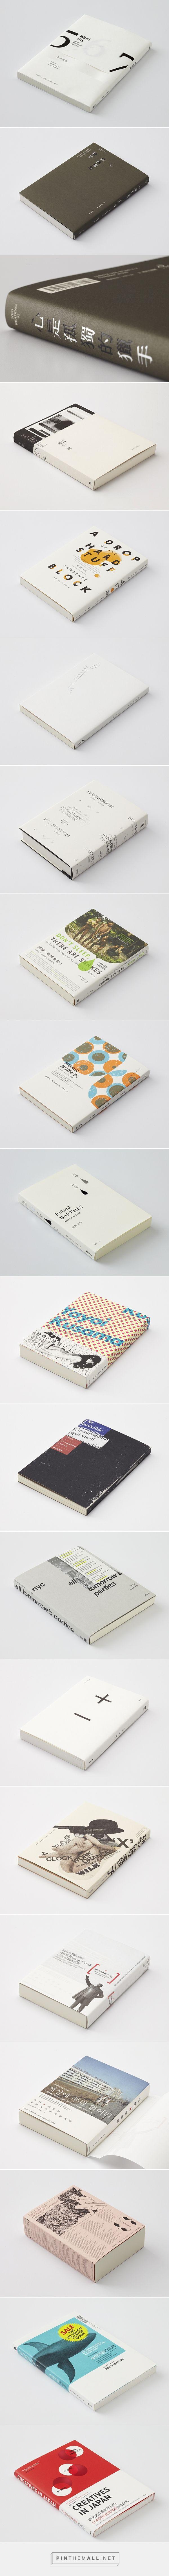 王志弘 - Selection of Book Designs, 2011